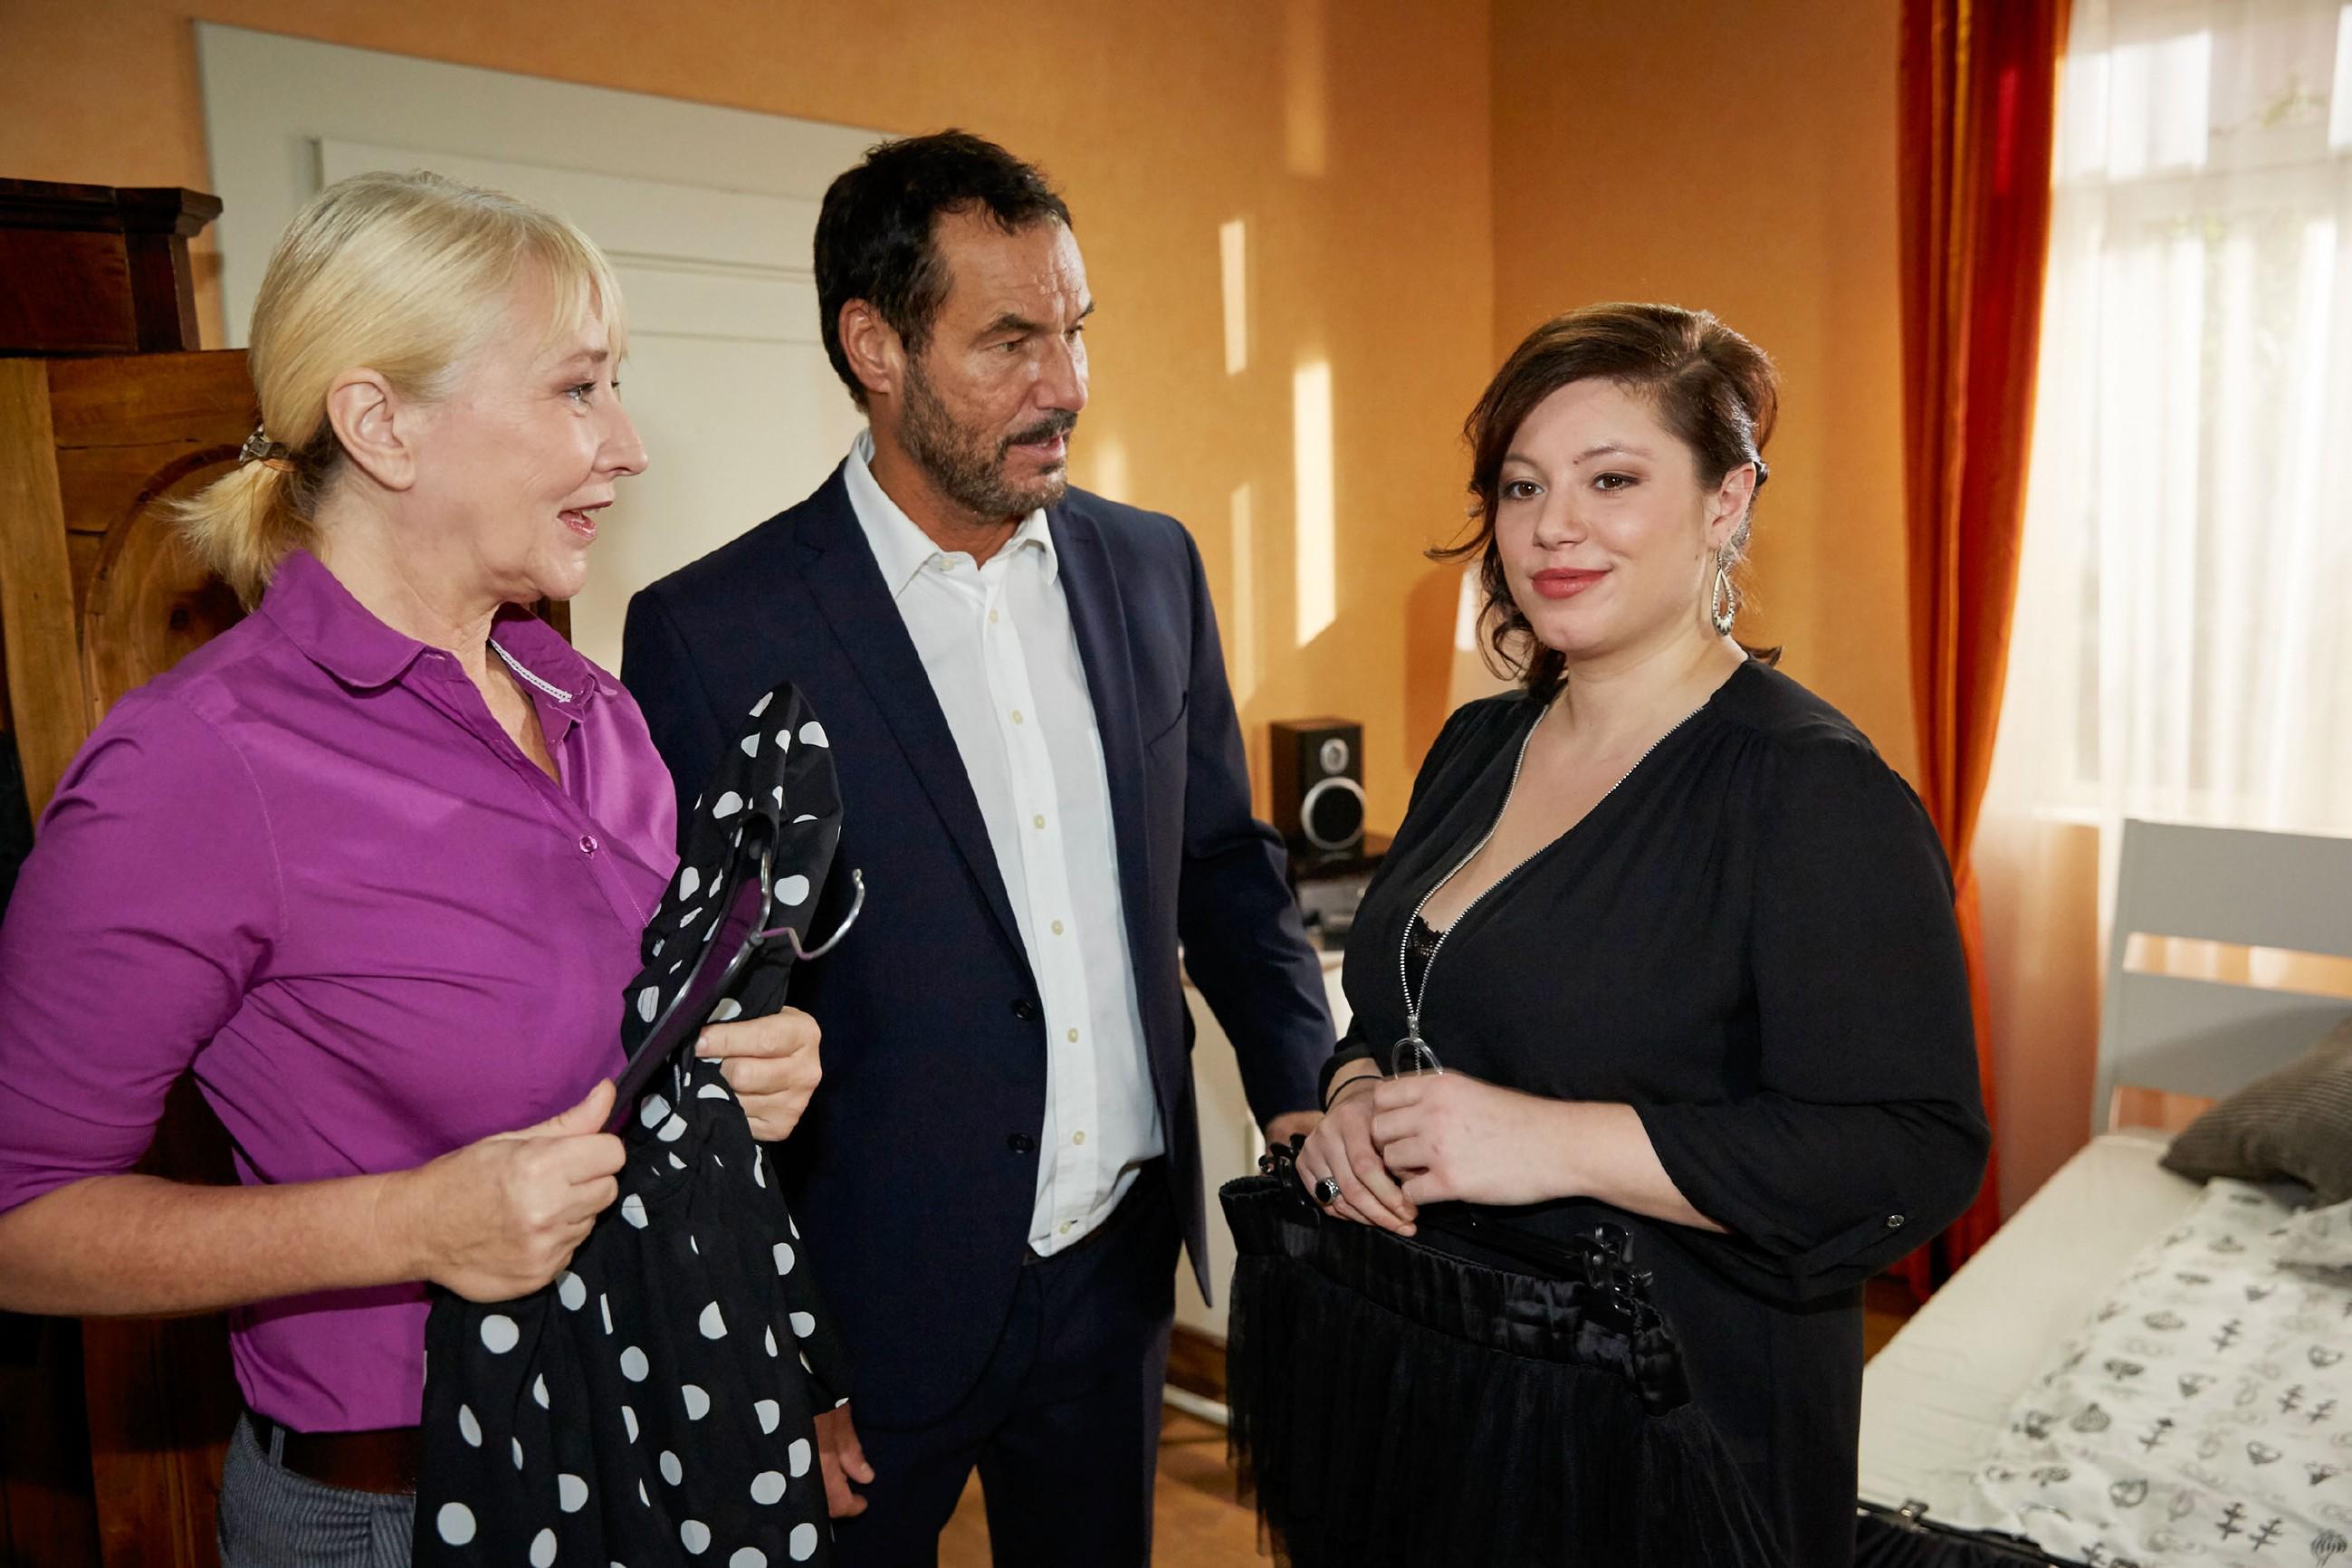 Frau Scholz (Inge Brings, l.) und Richard (Silvan-Pierre Leirich) bekommen mit, wie engagiert Vanessa (Julia Augustin) die Vorbereitungen für Christophs Überraschungsparty vorantreibt. (Quelle: RTL / Guido Engels)